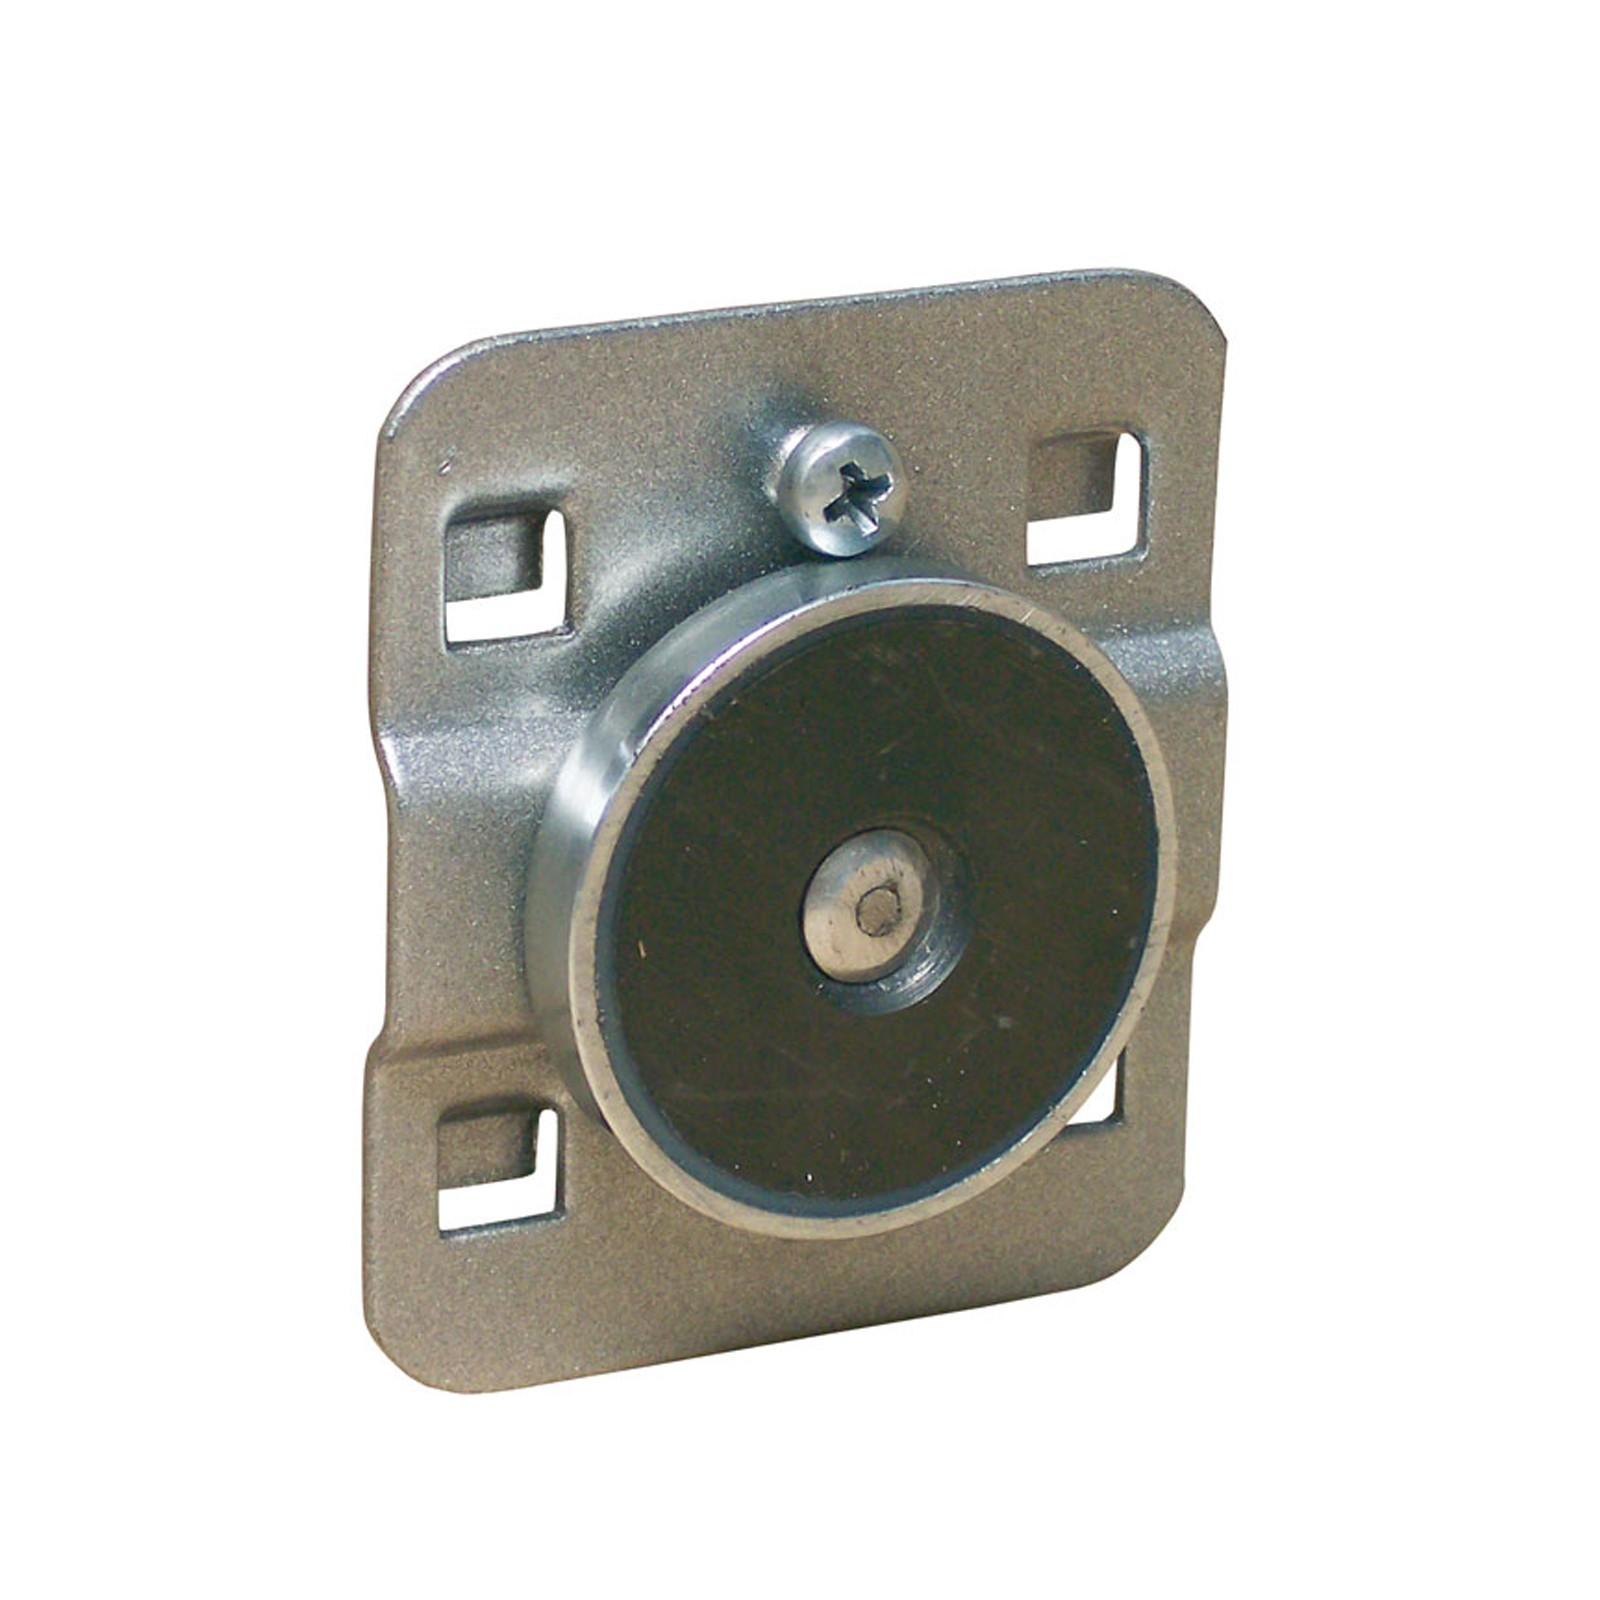 Magnethalter Halter Halterung für Handmaschinen Bohrmaschinen und Werkzeug